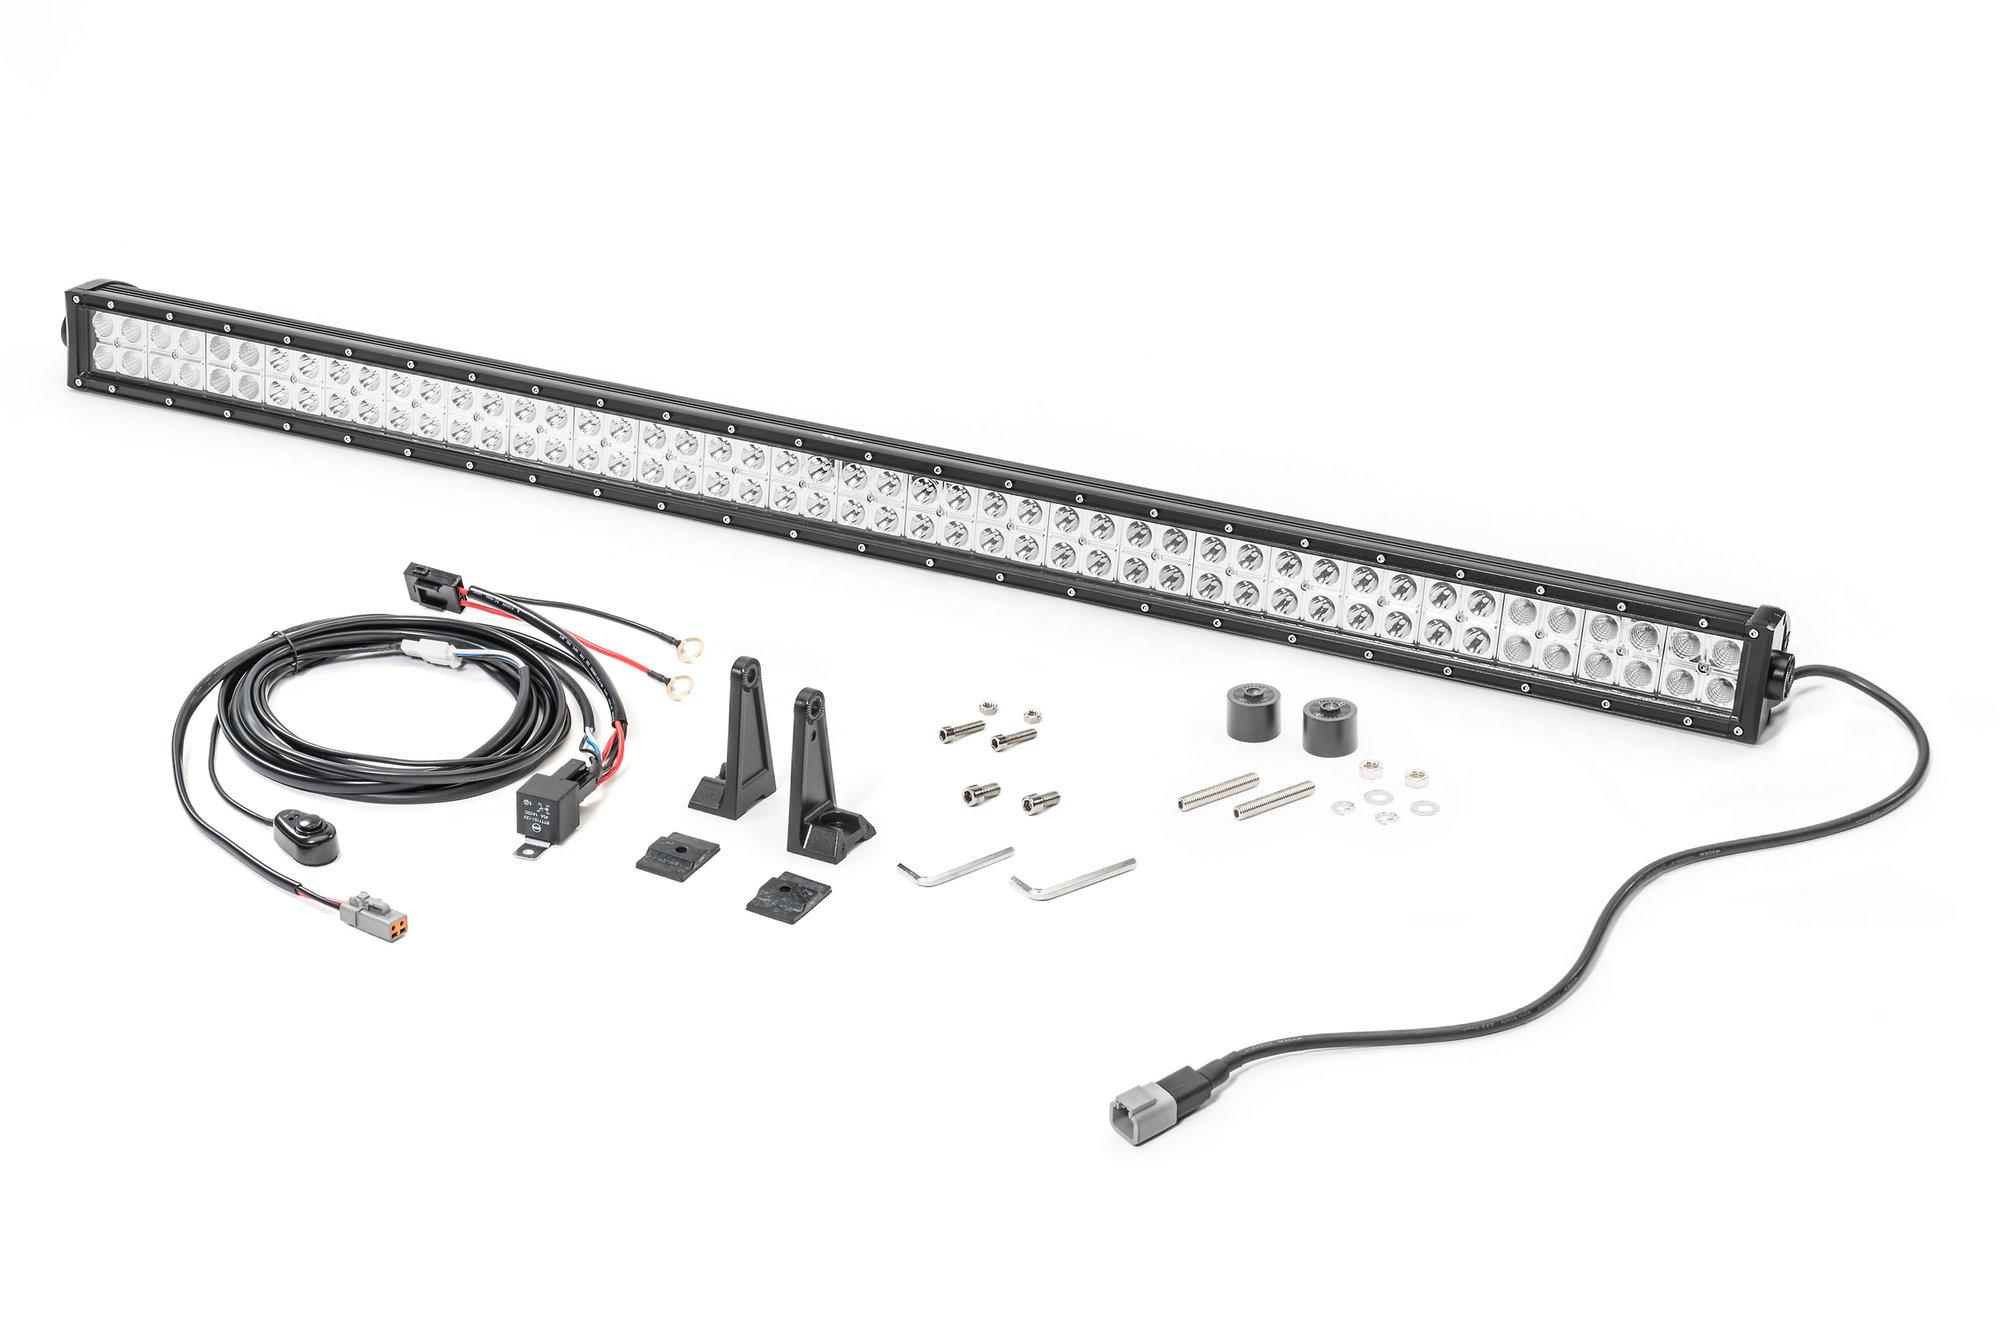 Tactik Jt C 288w 50 Led Light Bar